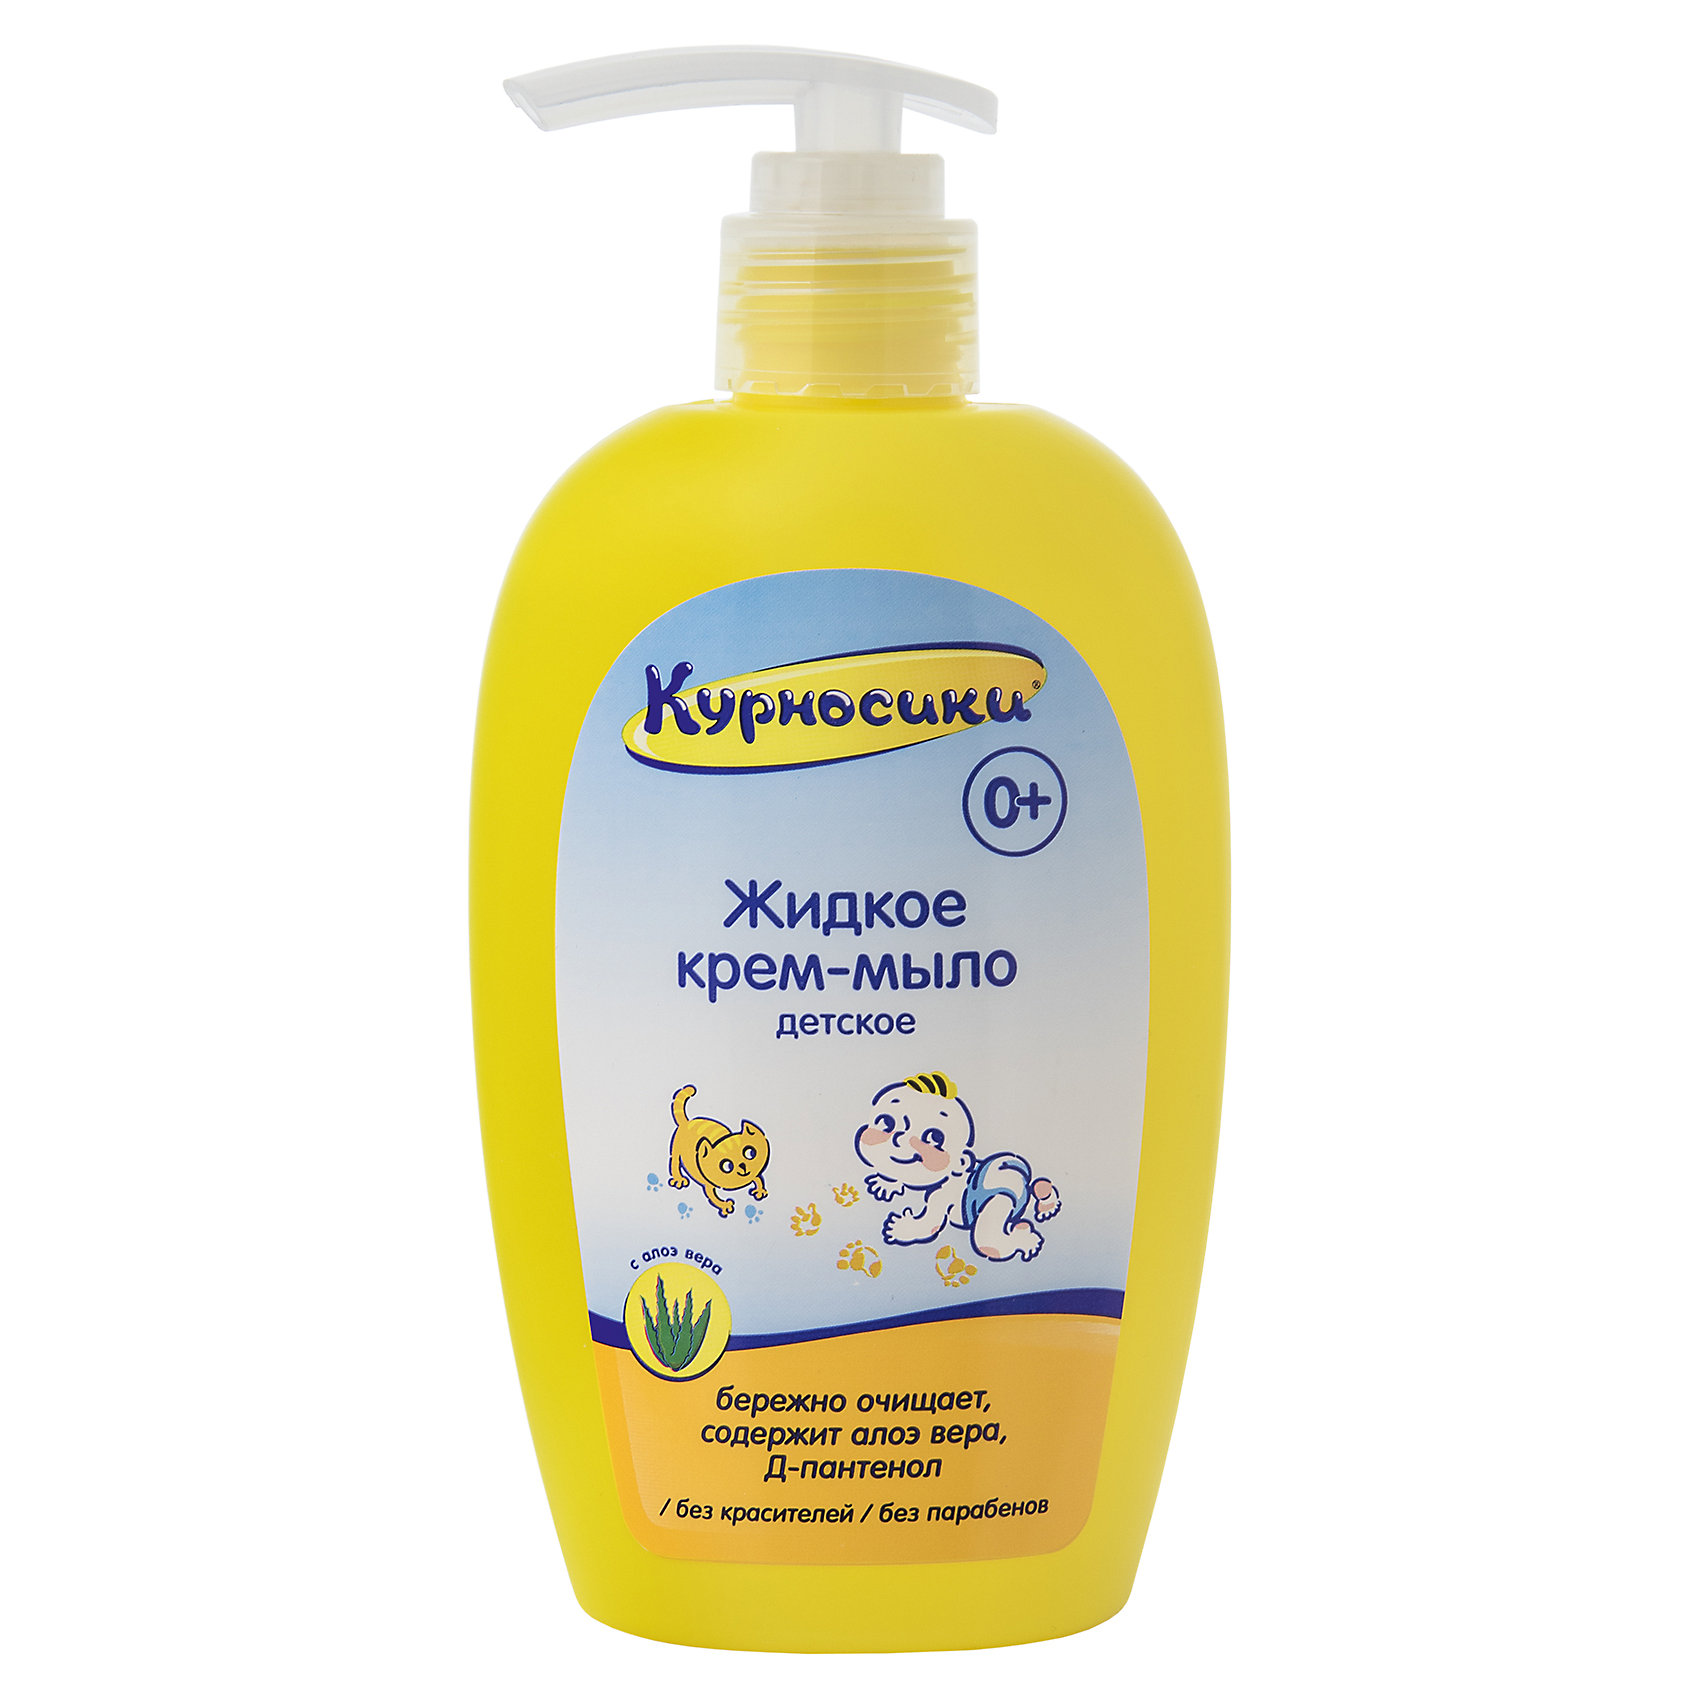 Жидкое крем-мыло детское с алоэ-вера, 250 мл, KurnosikiДетское мыло<br>Жидкое крем-мыло детское с алоэ-вера, 250 мл, Kurnosiki - предназначено для ежедневной гигиены малыша с самого рождения.<br>Жидкое крем-мыло детское Kurnosiki предназначено для бережного ухода за чувствительной кожей малышей с первых дней жизни. Экстракт алоэ вера оказывающее благоприятное воздействие на кожу малыша: устраняет покраснения и раздражения; интенсивно увлажняет. Д-пантенол обладает смягчающим и восстанавливающим действием. Жидкое крем-мыло детское Kurnosiki идеально подходит для ежедневного применения.<br><br>Дополнительная информация:<br><br>- Объем: 250 мл.<br>- Активные компоненты: экстракт алоэ-вера, Д-пантенол<br>- Не содержит парабены, красители<br>- Упаковка: флакон<br><br>Жидкое крем-мыло детское с алоэ-вера, 250 мл, Kurnosiki можно купить в нашем интернет-магазине.<br><br>Ширина мм: 80<br>Глубина мм: 40<br>Высота мм: 170<br>Вес г: 304<br>Возраст от месяцев: 0<br>Возраст до месяцев: 36<br>Пол: Унисекс<br>Возраст: Детский<br>SKU: 4830230